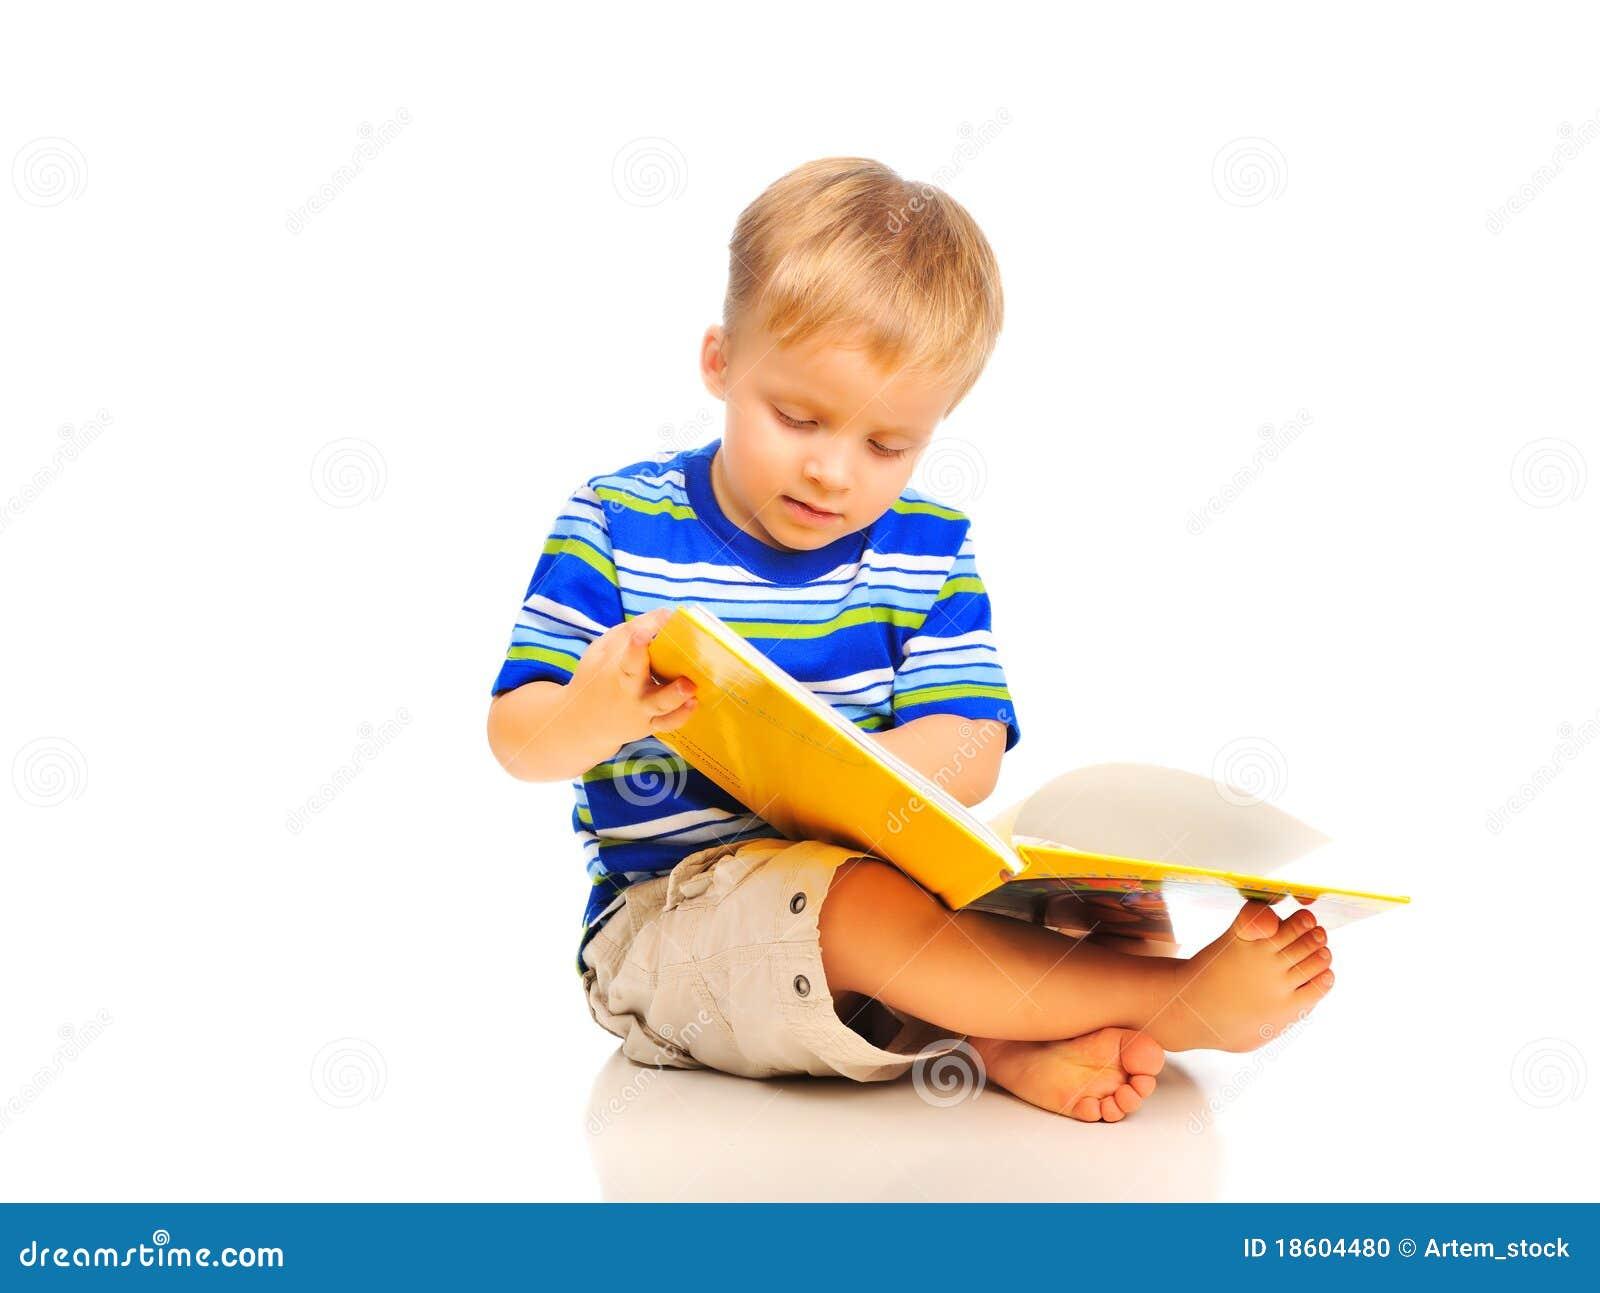 El ni o peque o lindo est leyendo un libro foto de - Foto nino pequeno ...